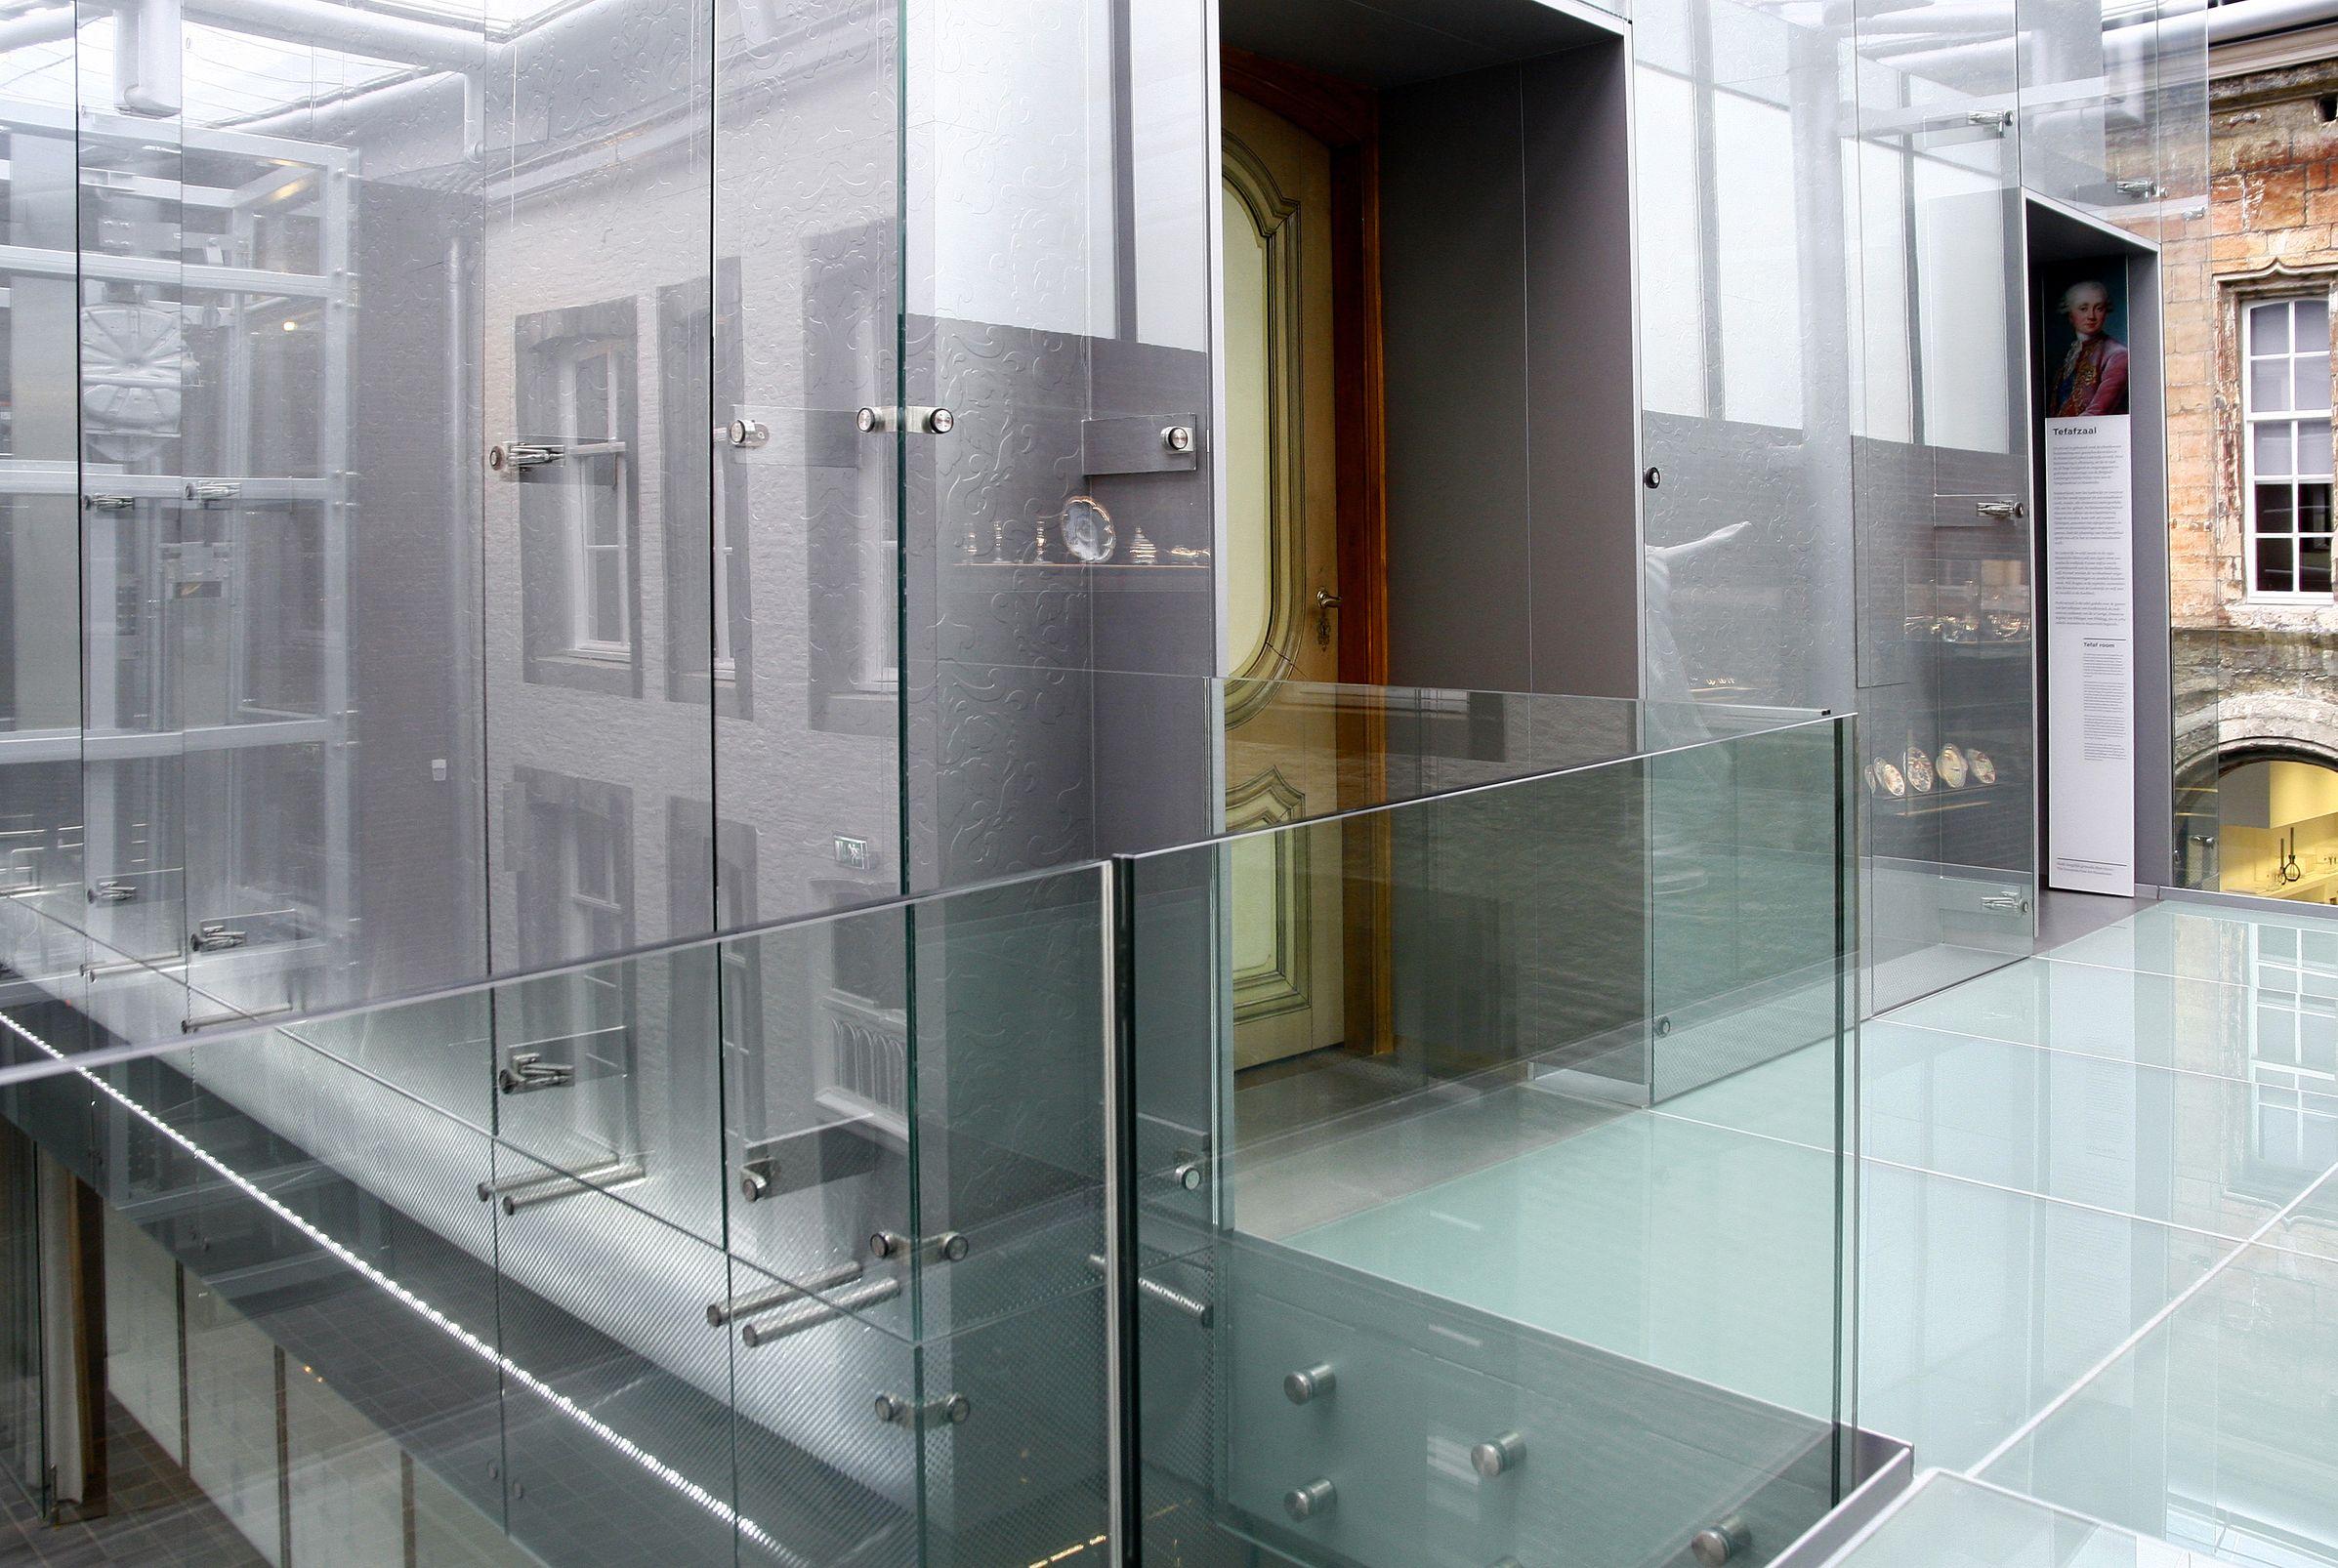 Steeds dikker glas in balustrades